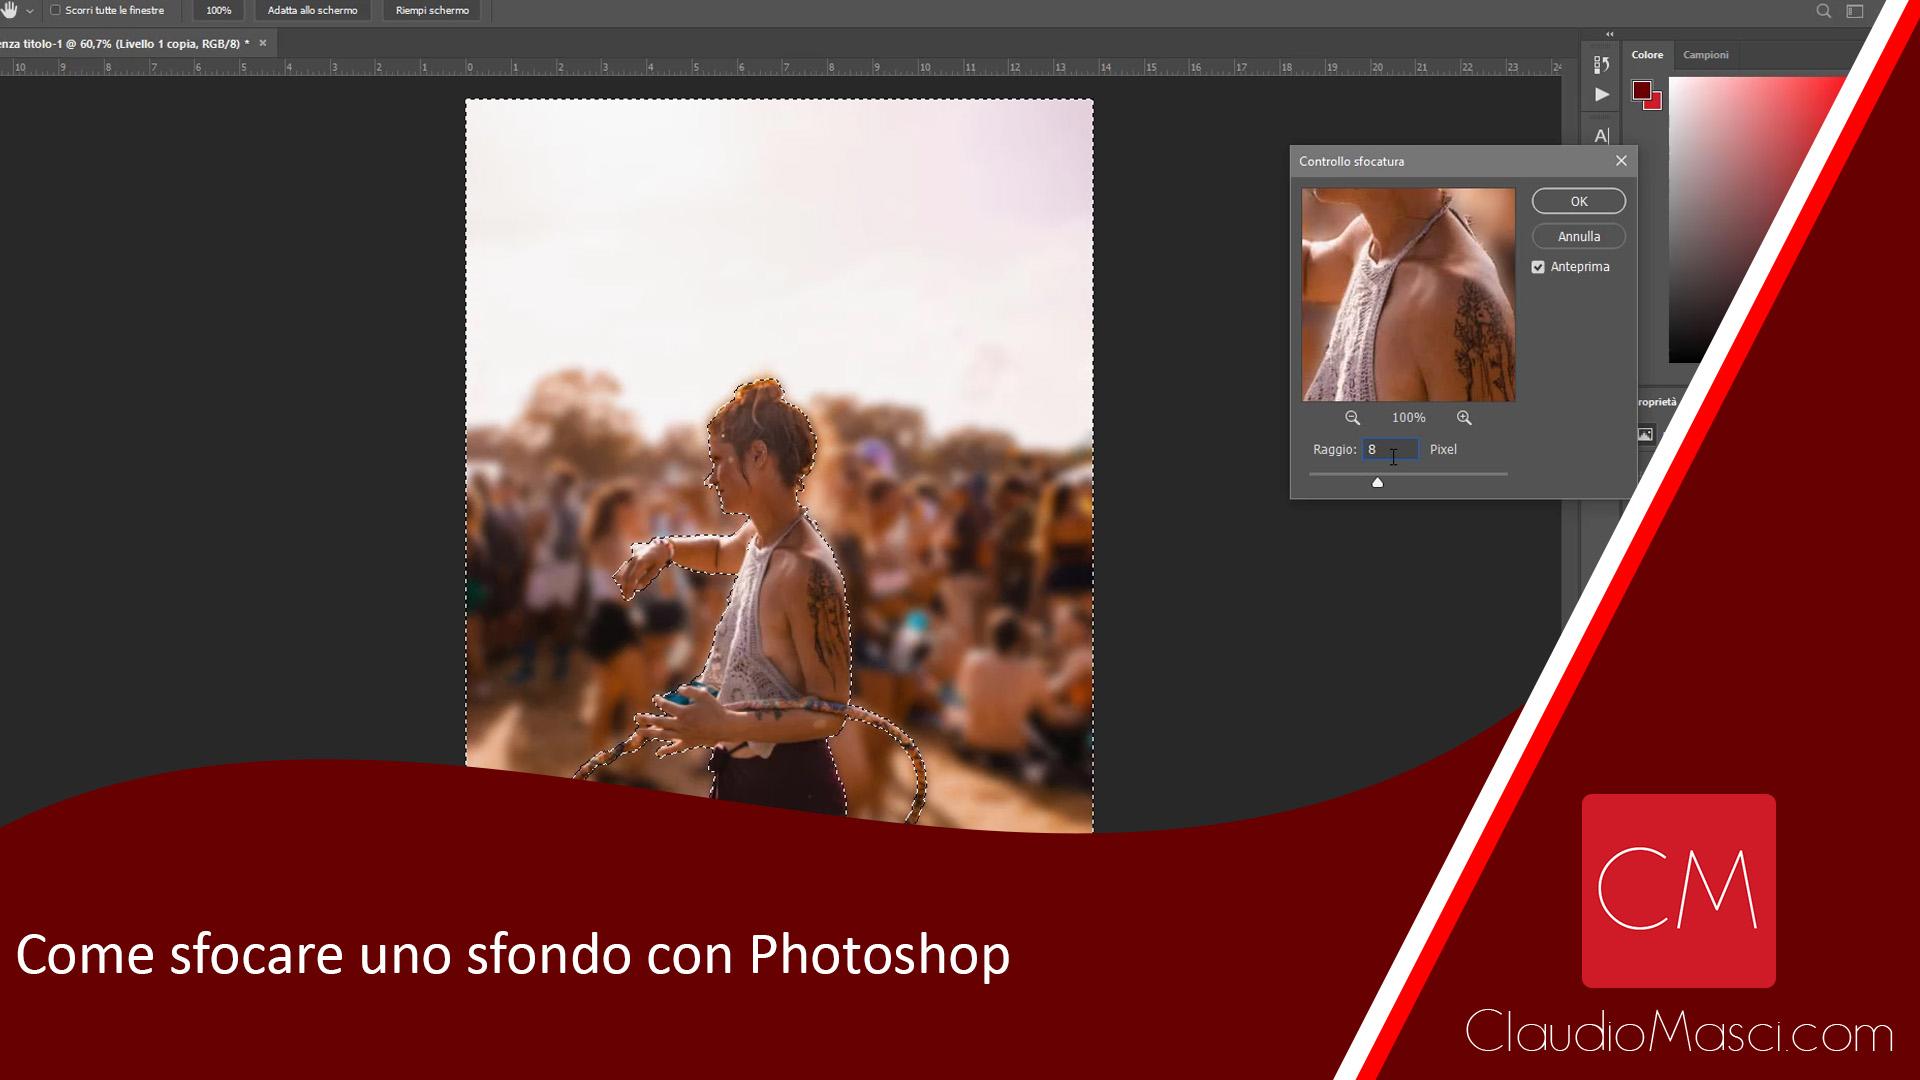 Come sfocare uno sfondo con Photoshop